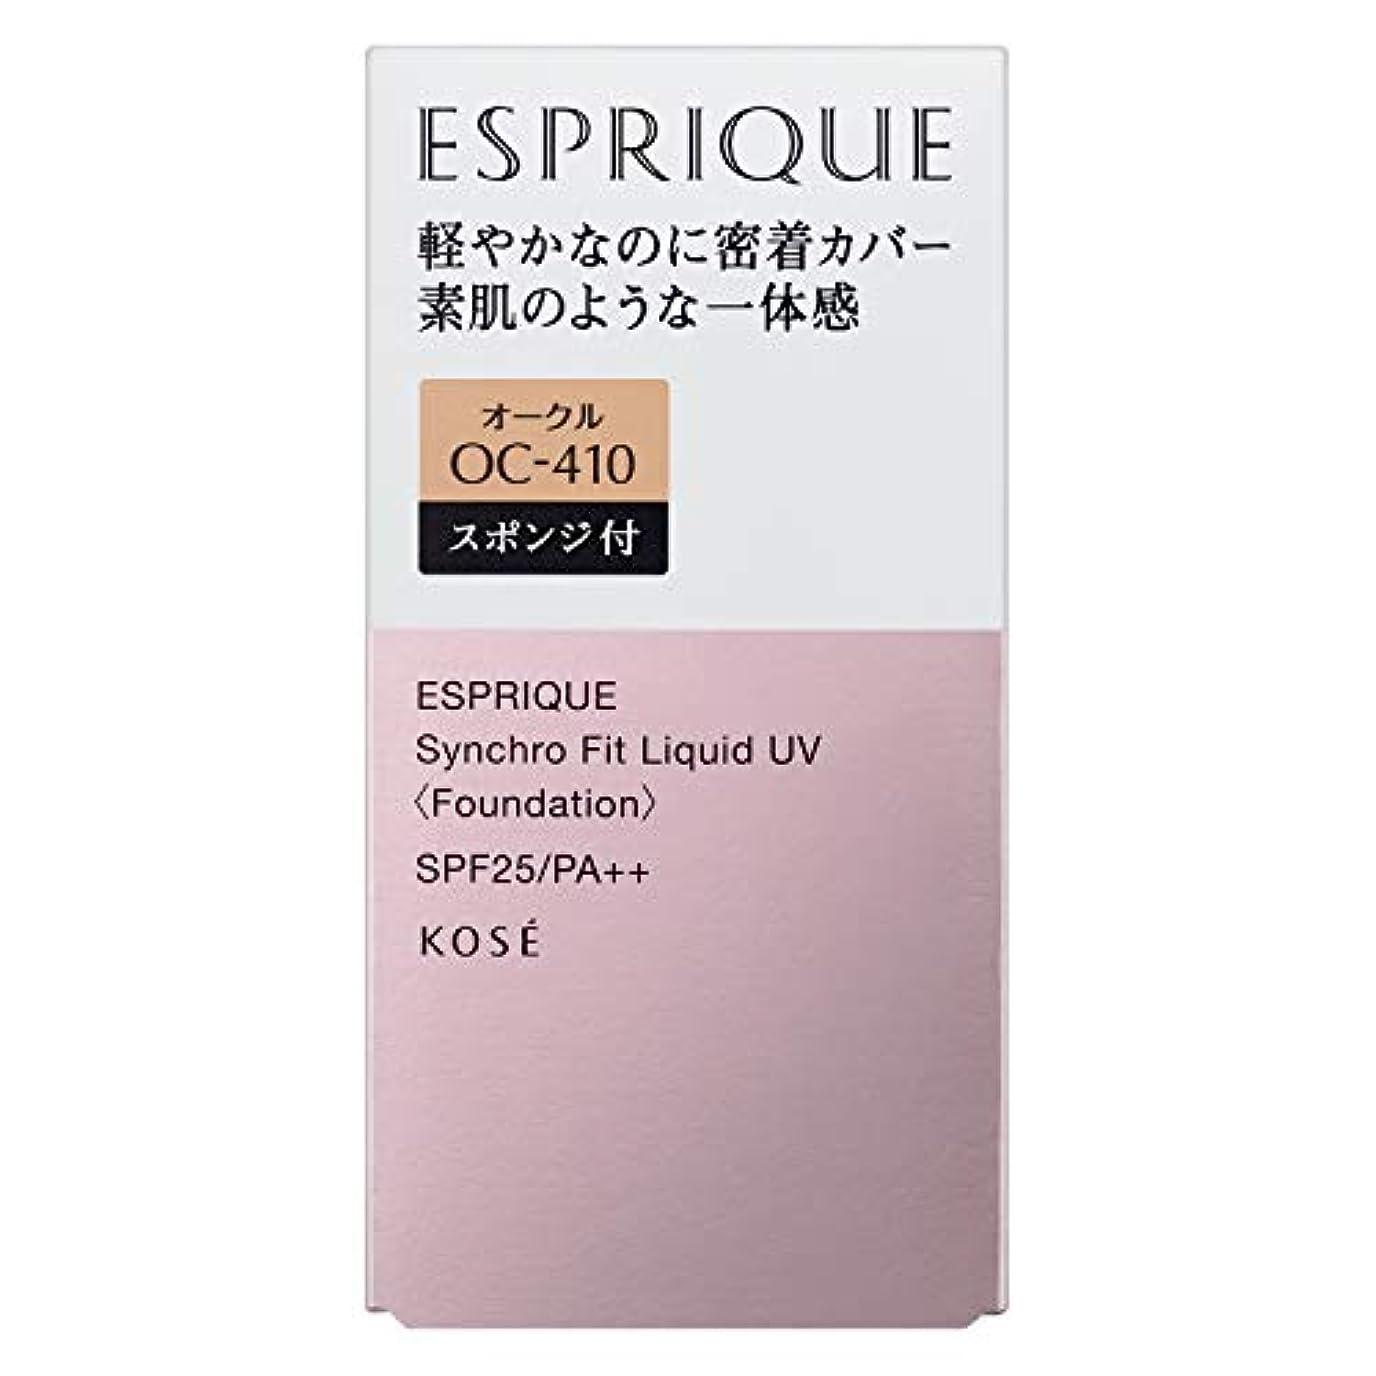 にもかかわらず今後教育学ESPRIQUE(エスプリーク) エスプリーク シンクロフィット リキッド UV ファンデーション 無香料 OC-410 オークル 30g